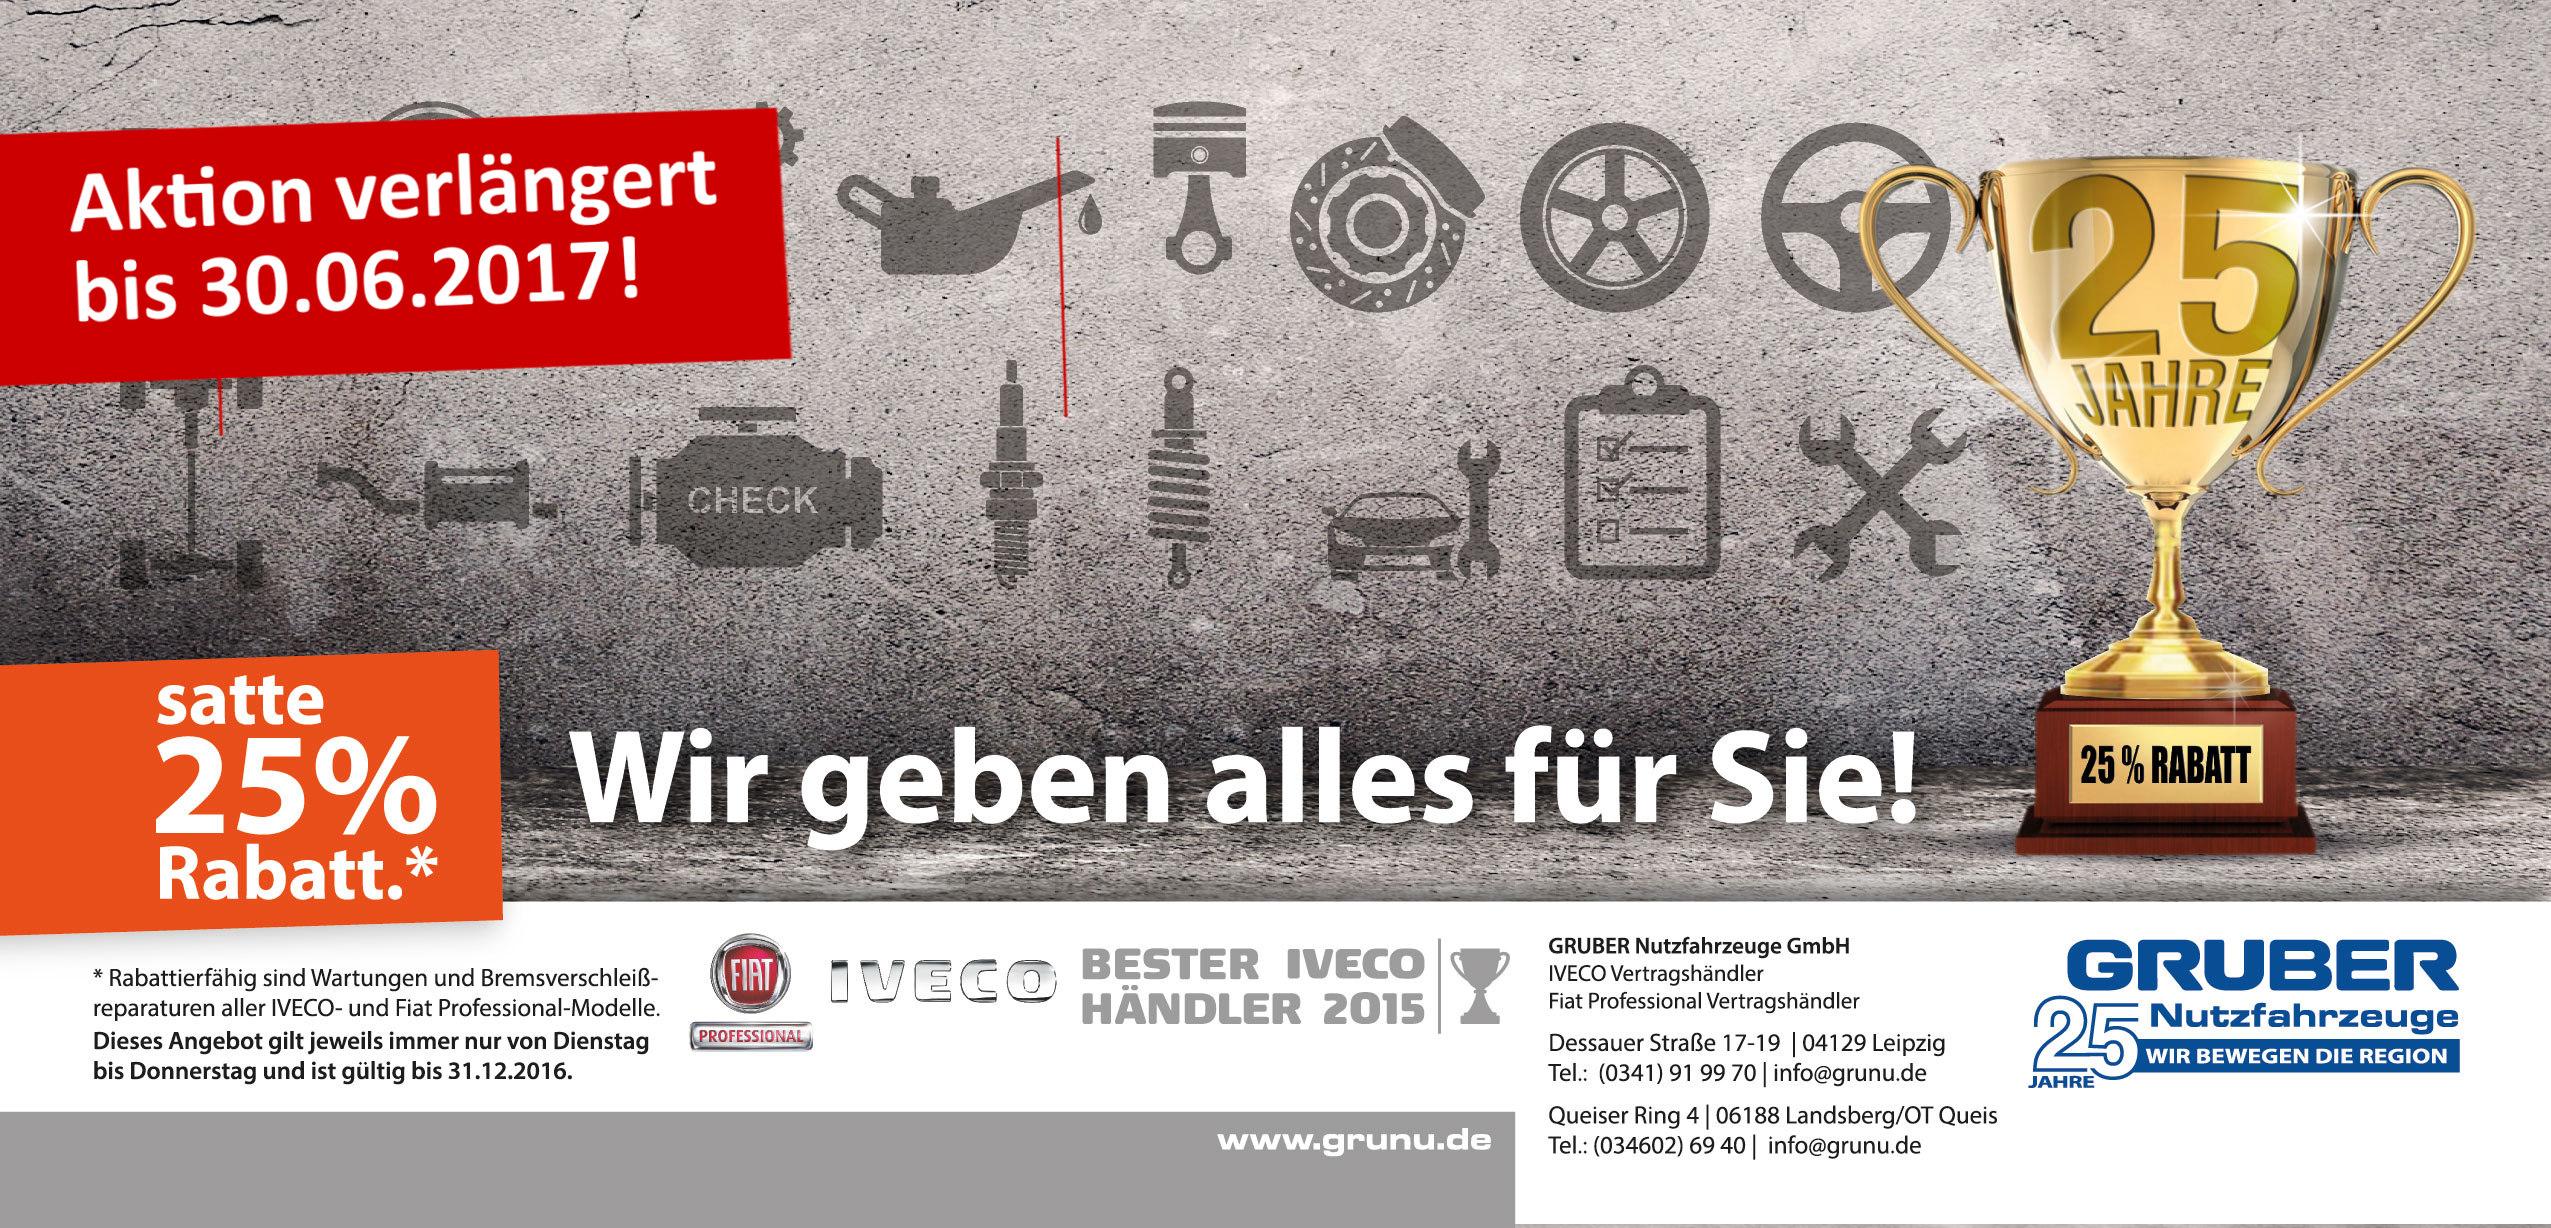 Druck_Gruber-25Rabatt-25-Jahre-online-datei-Februar-17